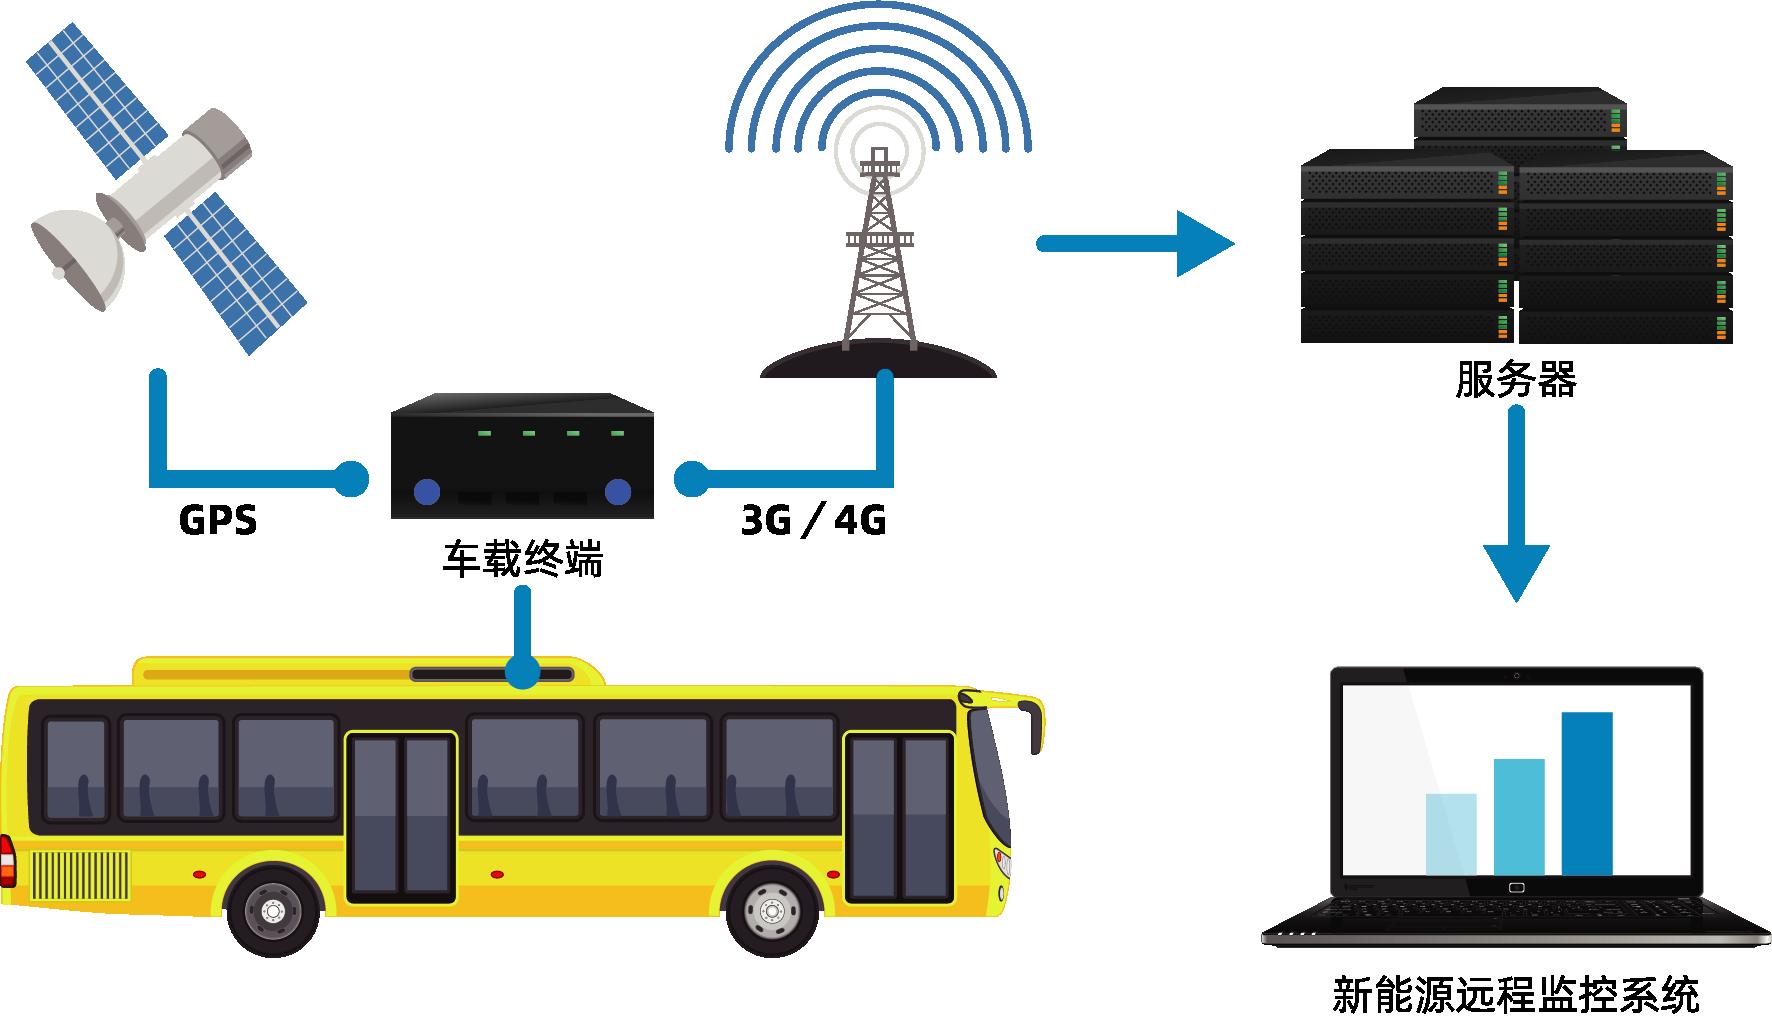 12、新能源汽车远程监控平台.png